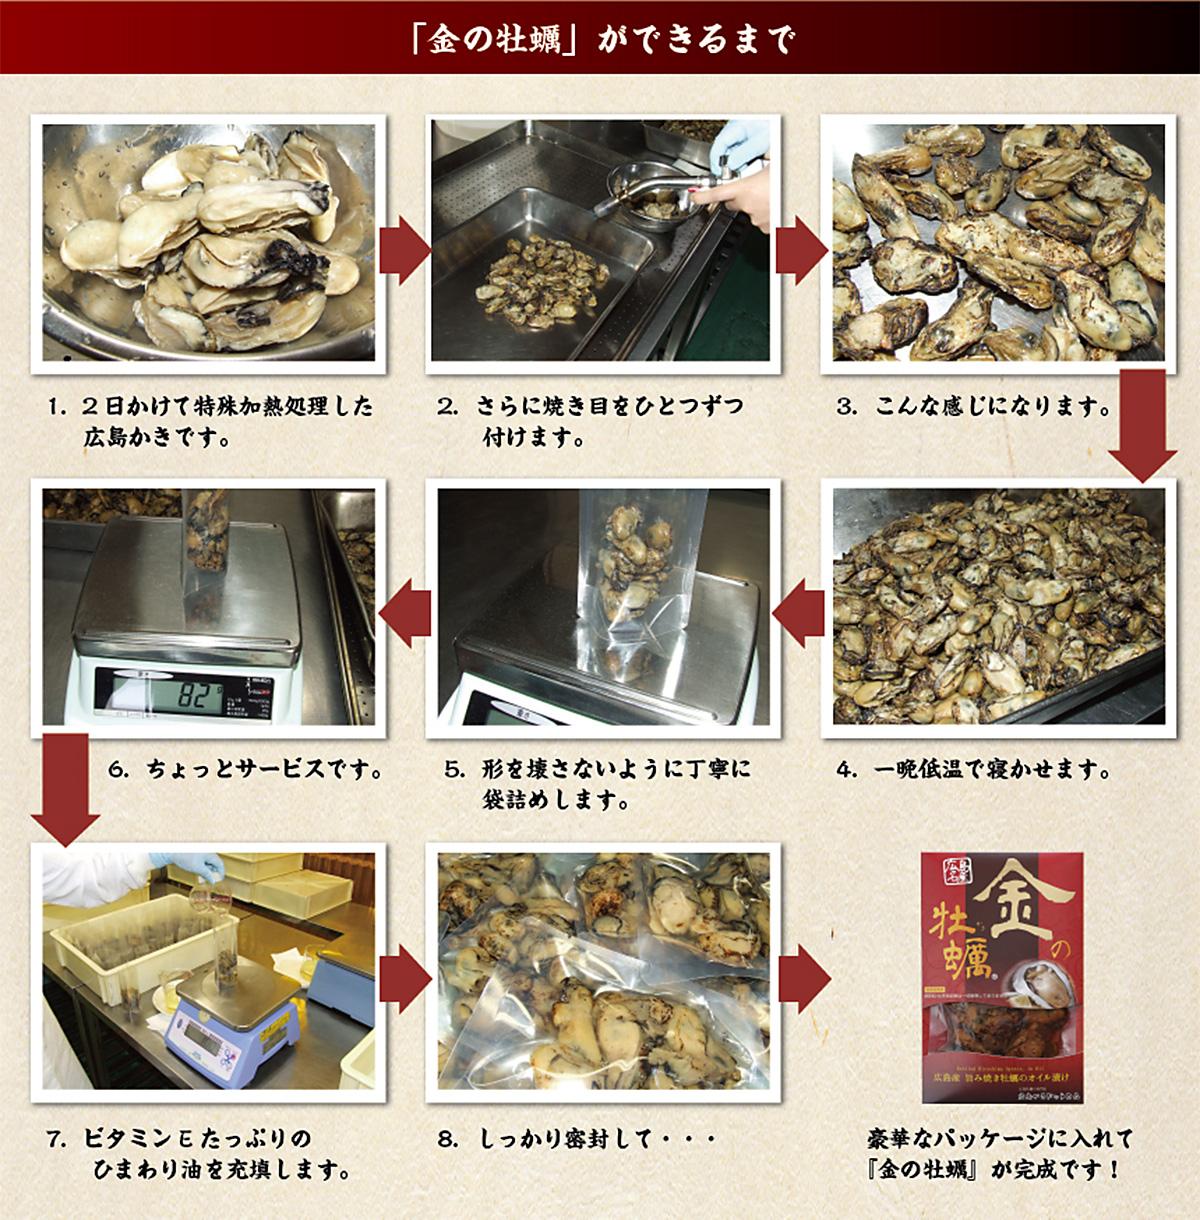 「金の牡蠣ができるまで」1.2日かけて特殊加熱処理した広島かきです。2.さらに焼き目をひとつずつ付けます。3.こんな感じになります。4.一晩低温で寝かせます。5.形を壊さないように丁寧に袋詰めします。6.ちょっとサービスです。7.ビタミンEたっぷりのひまわり油を充填します。8.しっかり密封して… 9.豪華なパッケージに入れて「金の牡蠣」が完成です!